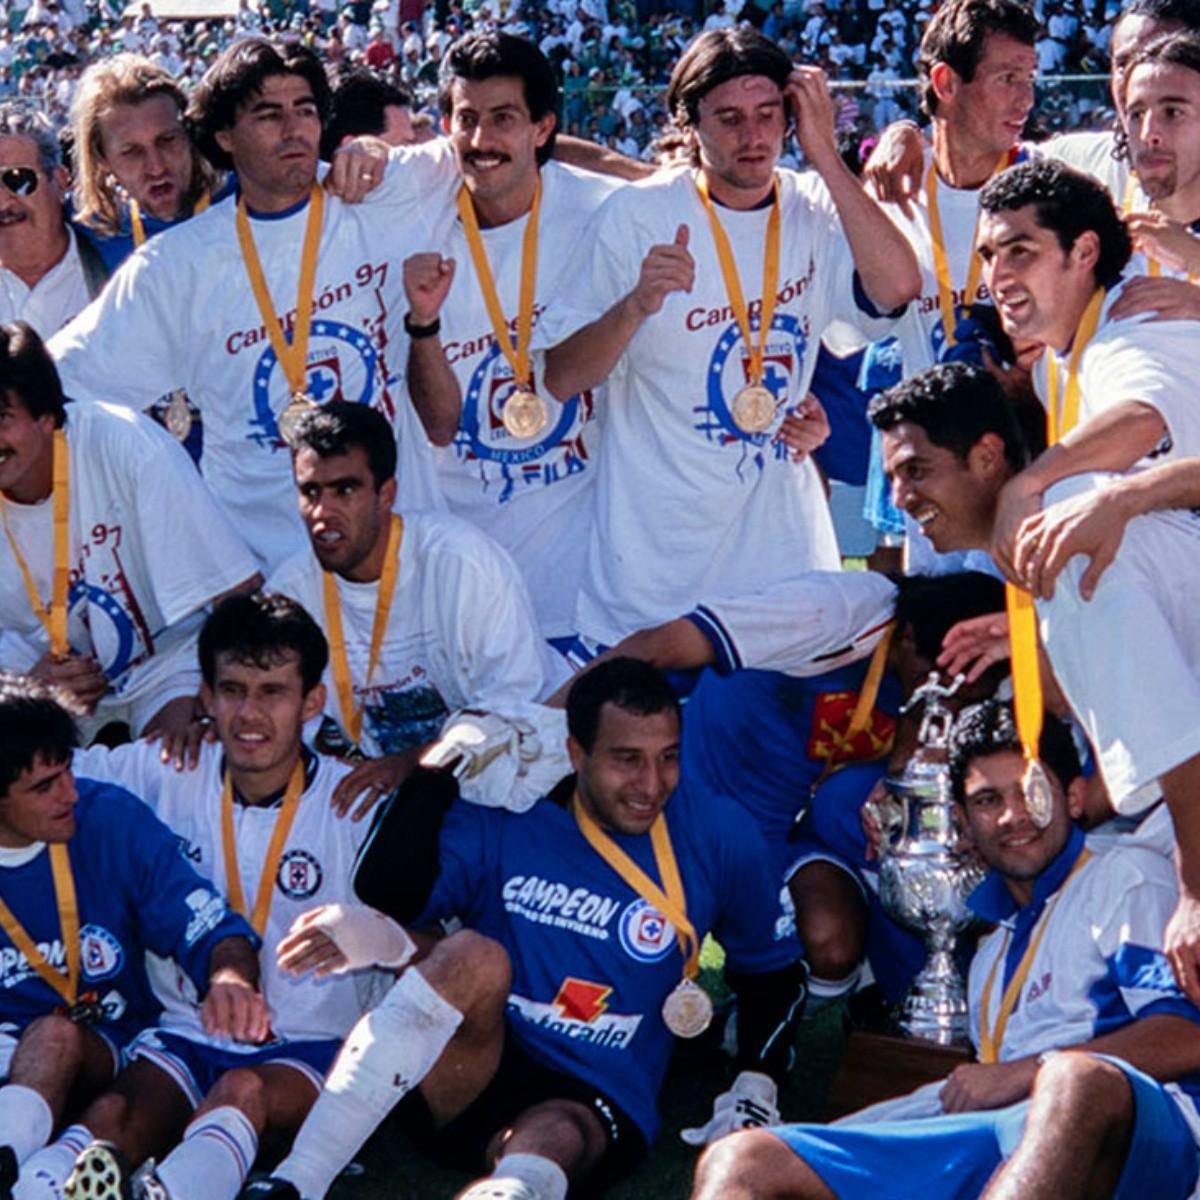 Cruz Azul vs. León Final Invierno 97: Así fue el último campeonato de Liga con gol de Carlos Hermosillo | Vamos Cruz Azul